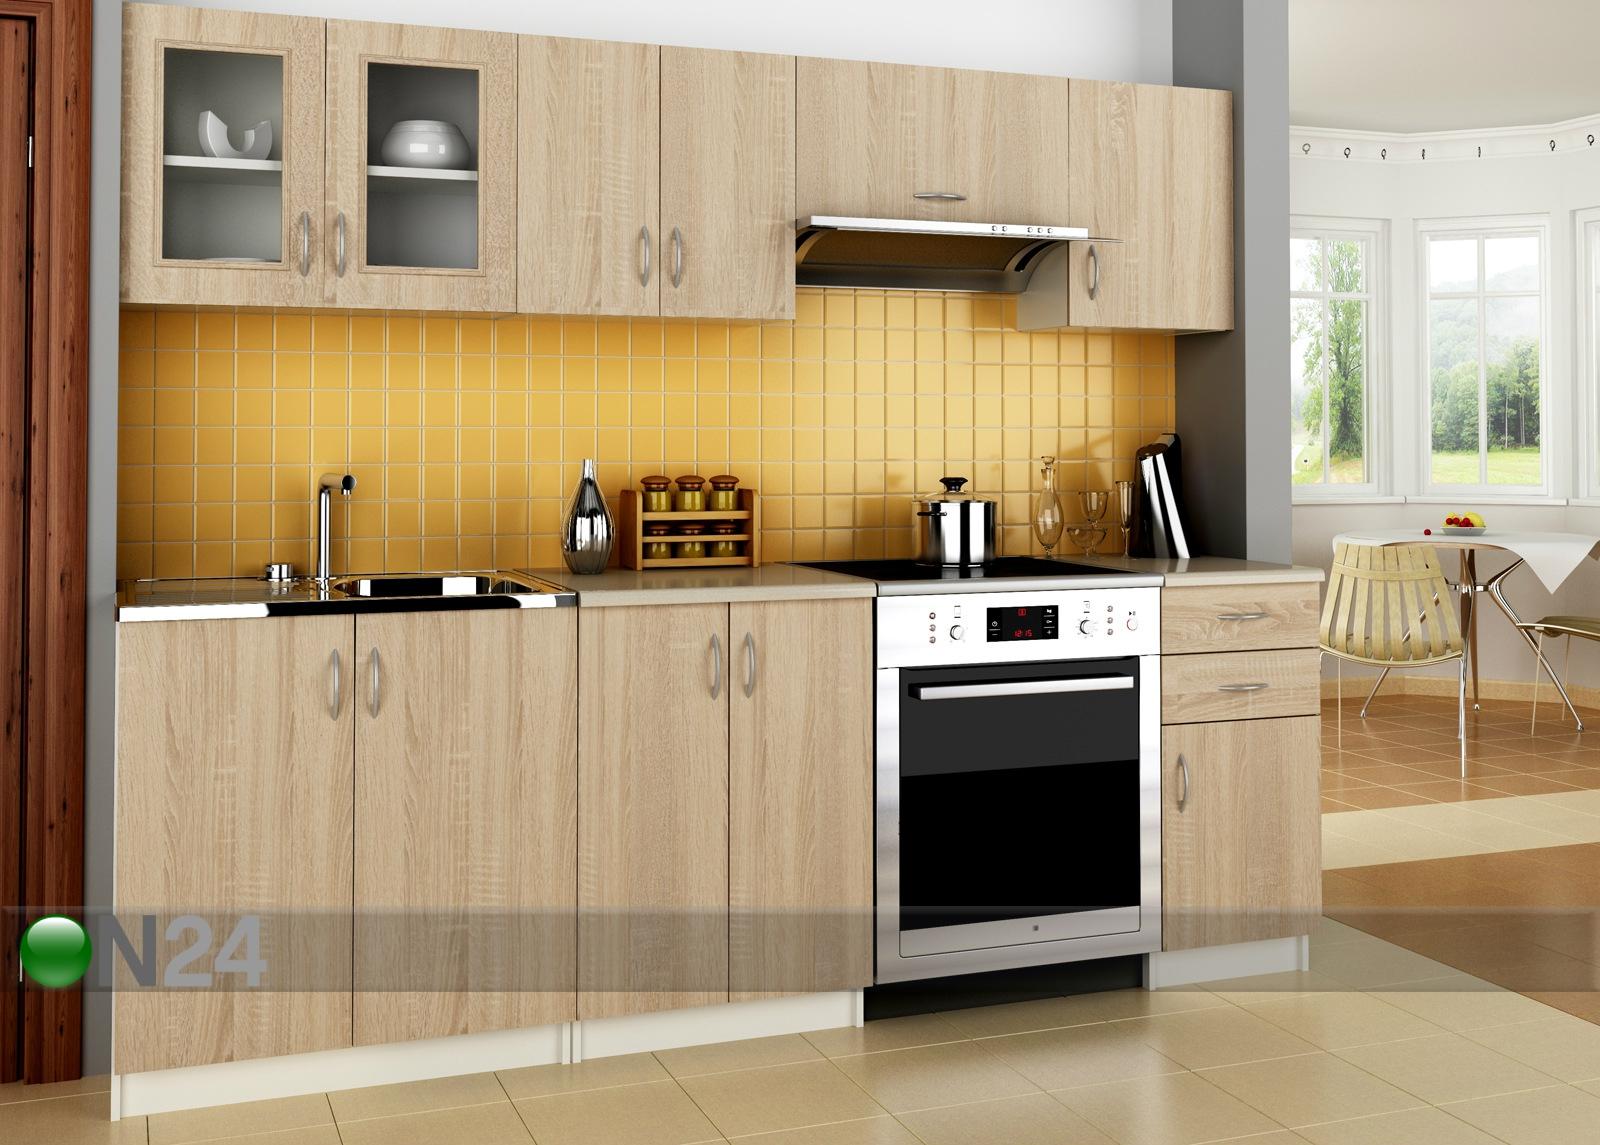 Keittiö, Sauna ja Kylpyhuone - Bauhaus verkkokauppa